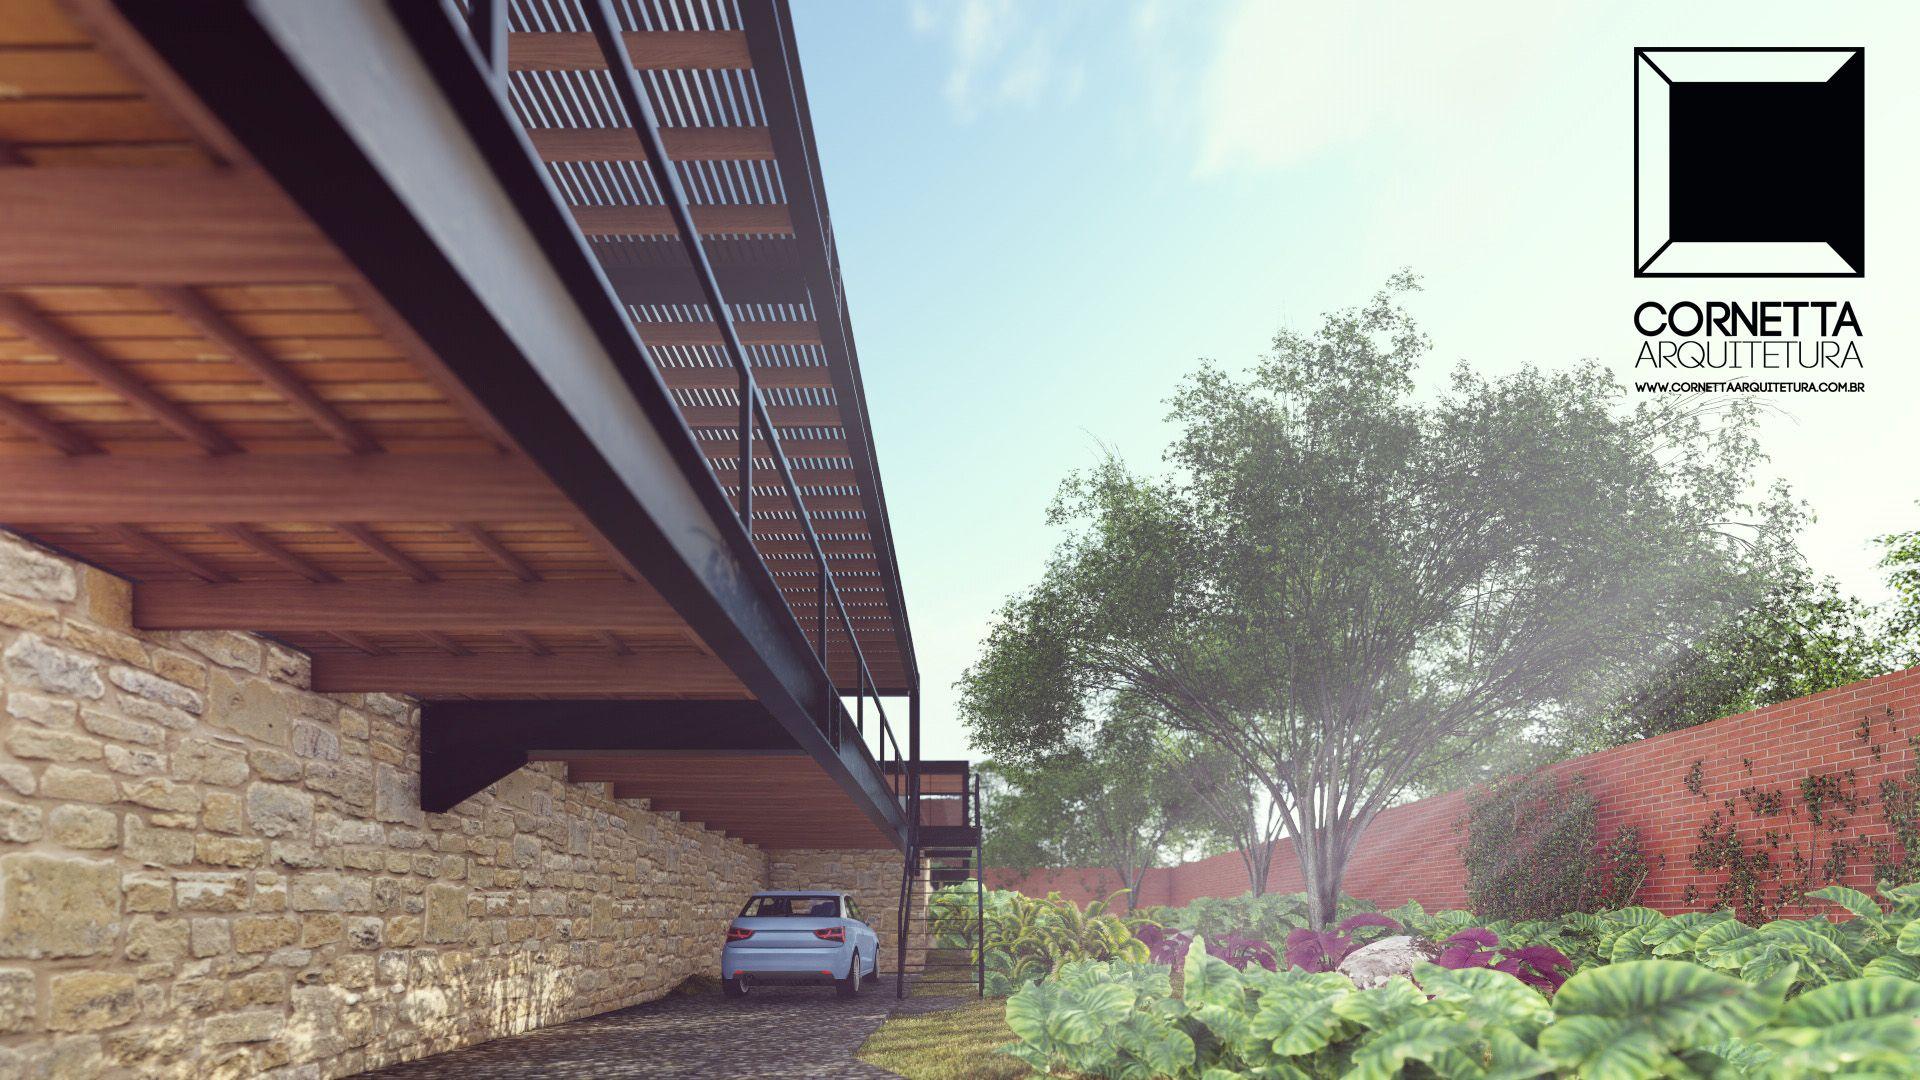 Casas prefabricadas casas estruturas metalicas casas ecologicas casa modernas james perse - Casa ecologicas prefabricadas ...